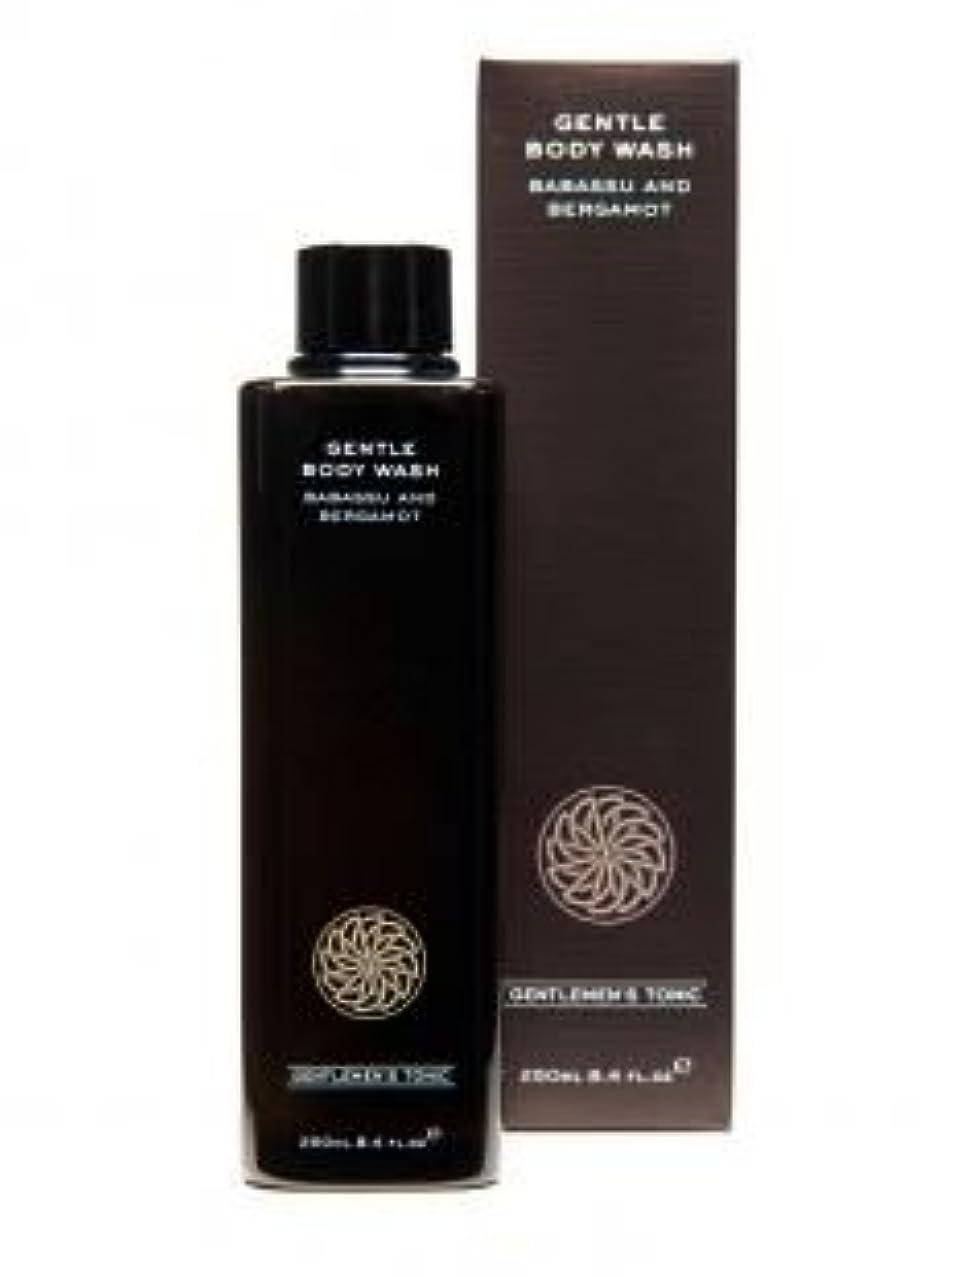 色合い堂々たる許さないGentlemen's Tonic ジェントルメンズトニック Gentle Body Wash (ジェントルボディウォッシュ) 250ml